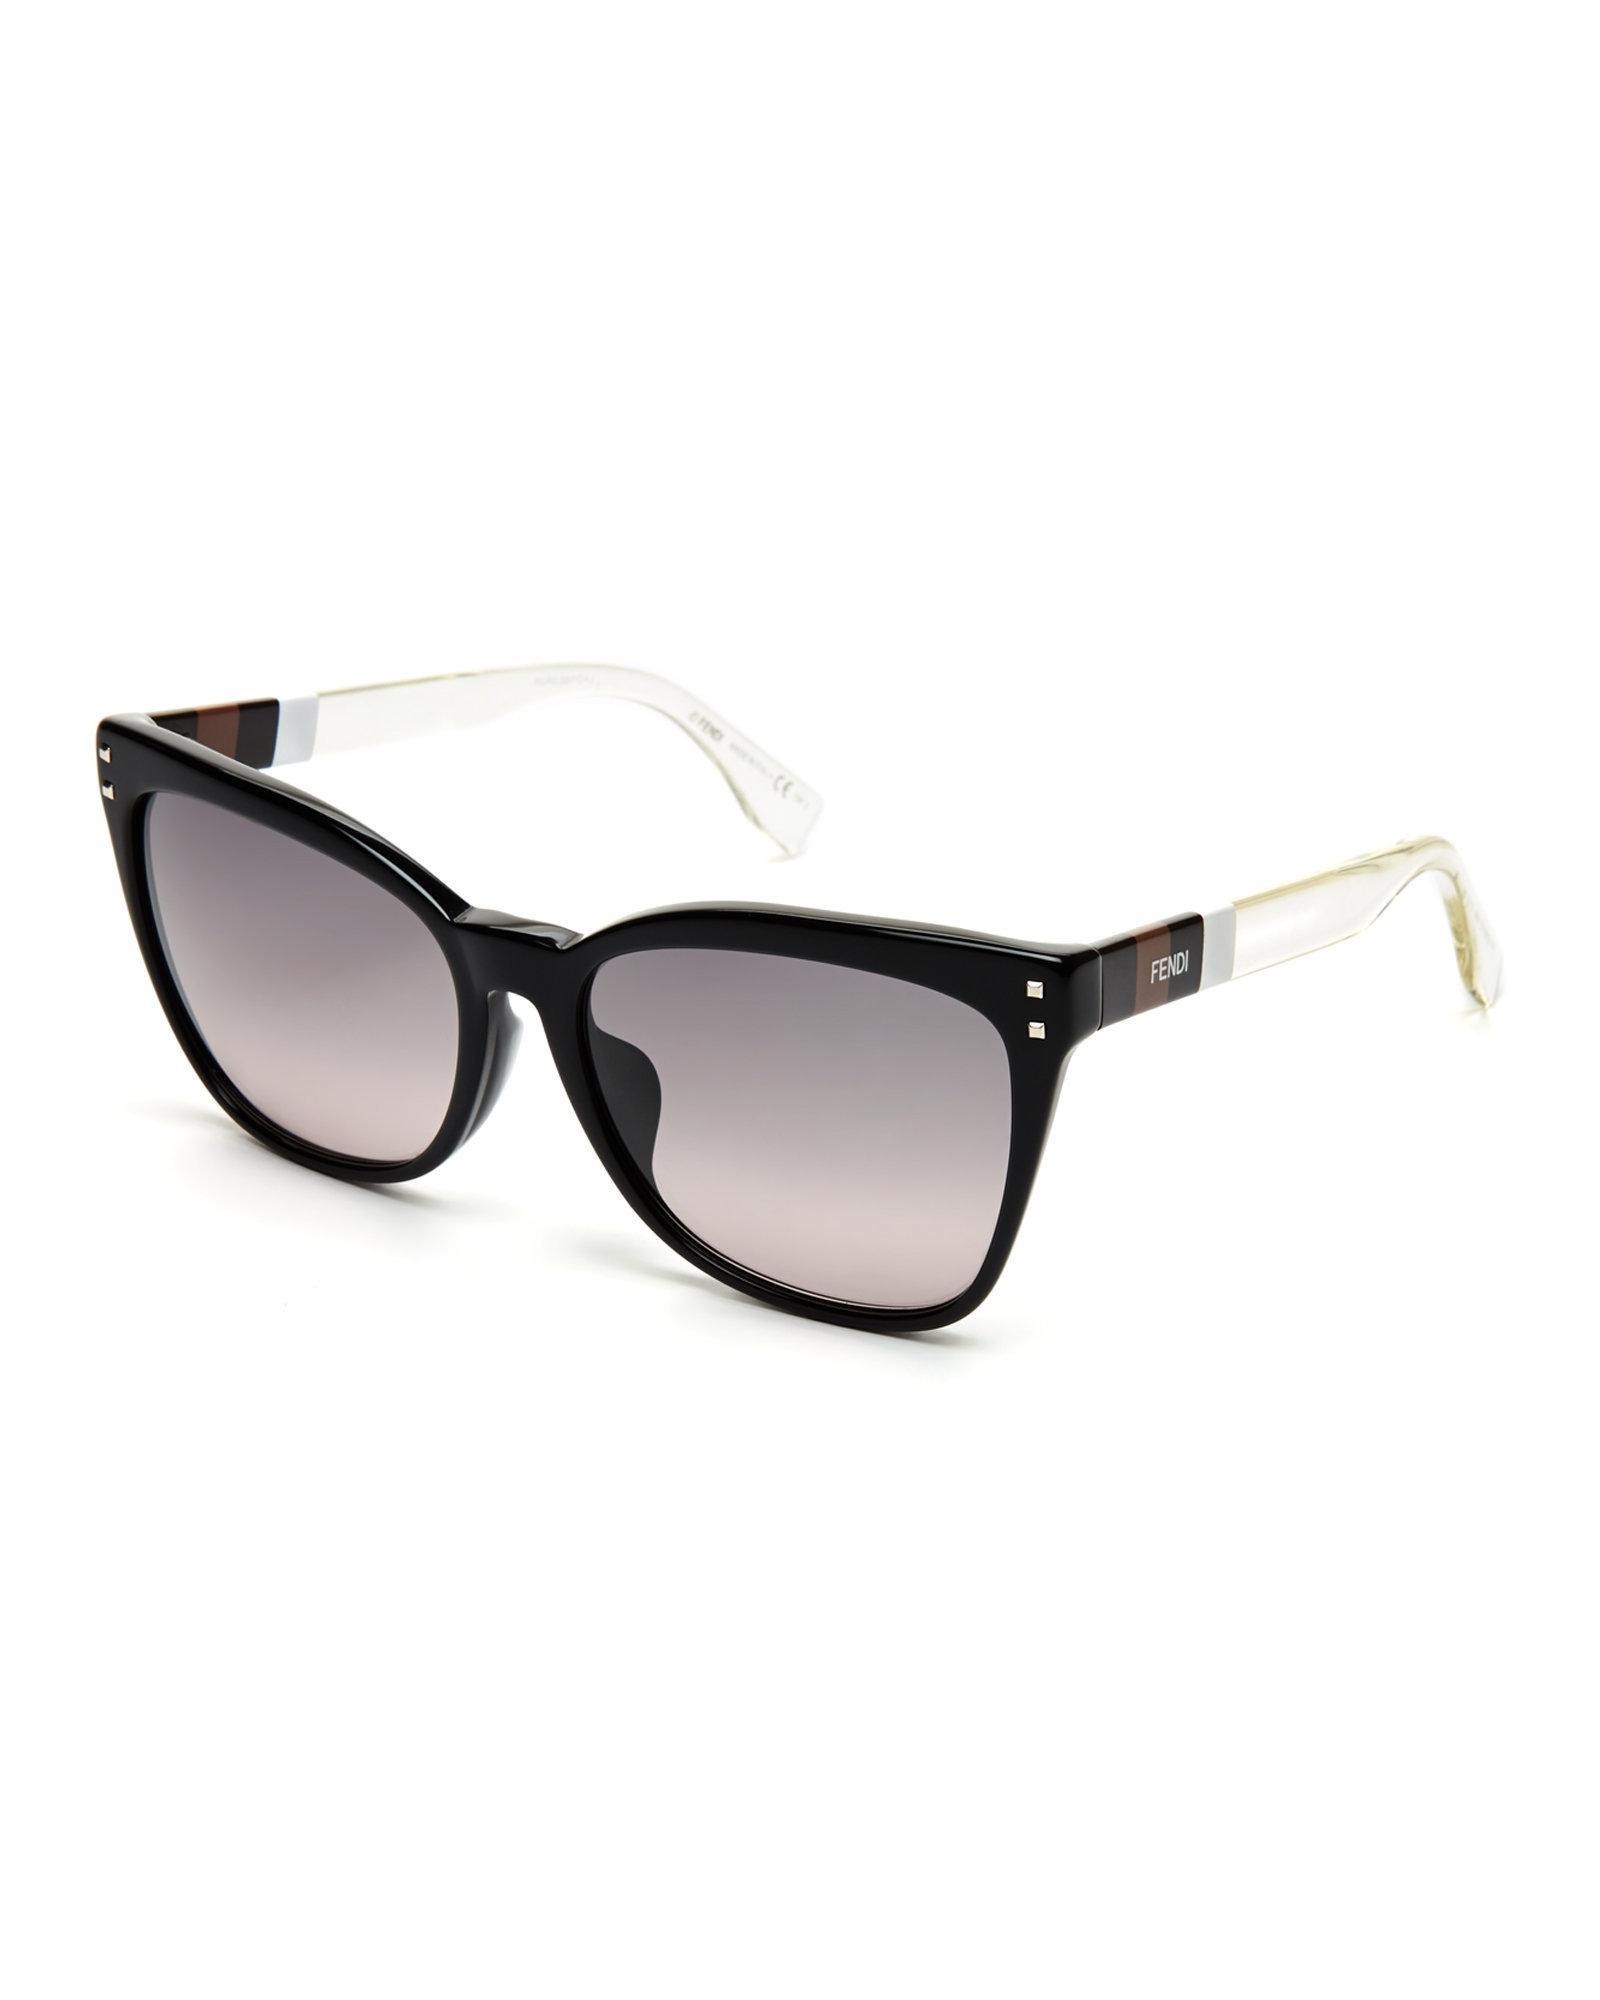 cc40181c0620 Fendi Cat Eye Sunglasses